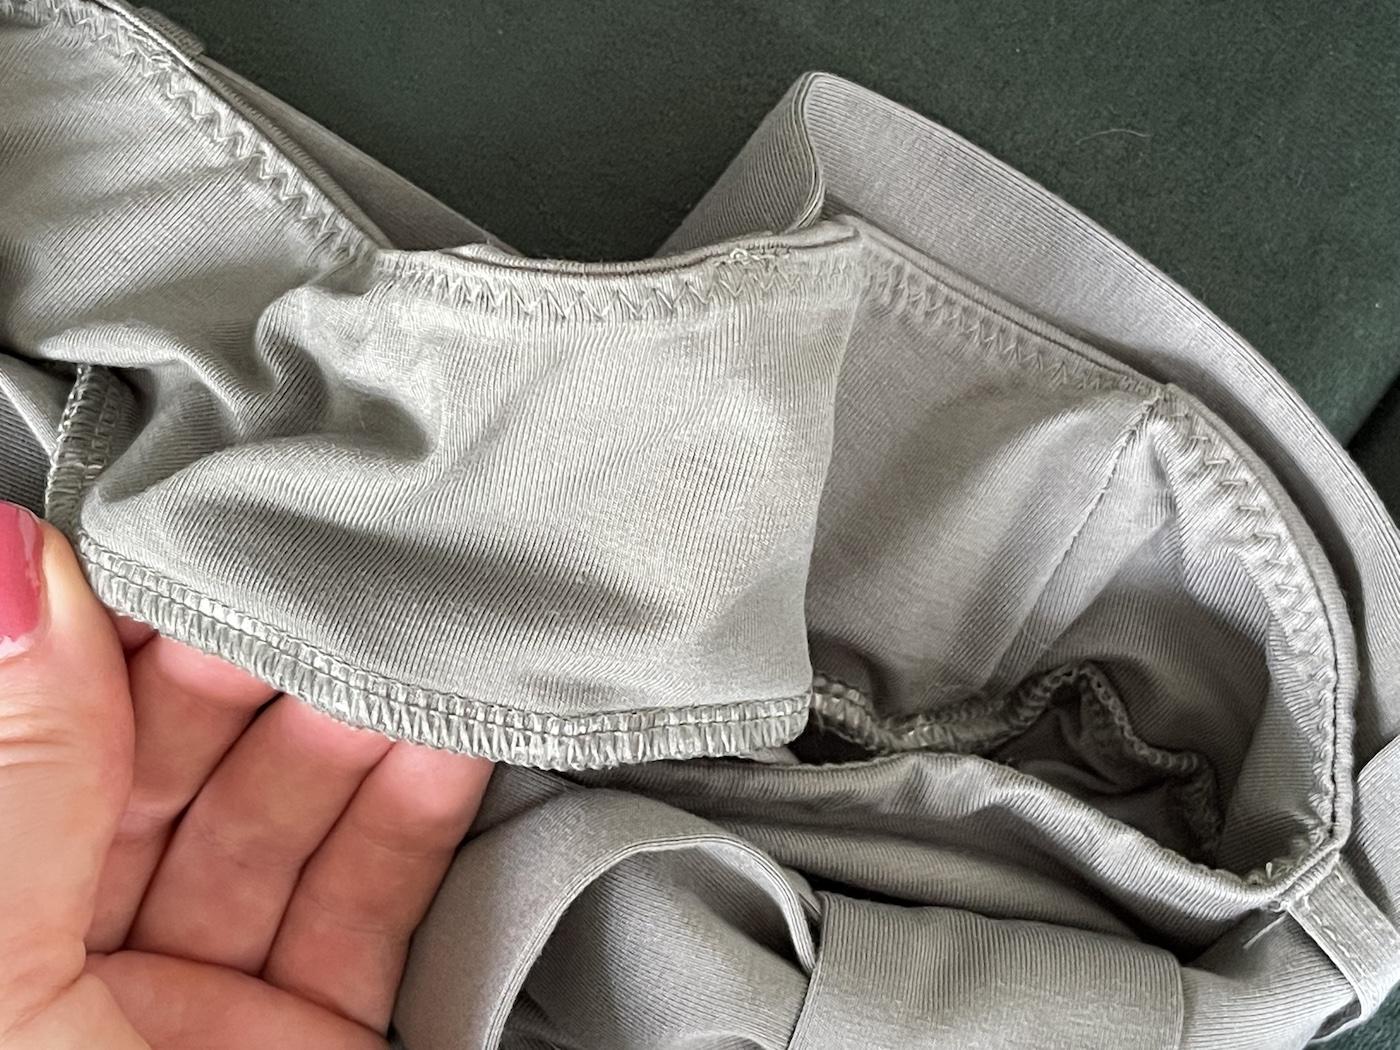 The Jade Pants Les Lunes Erfahrungen Qualität Nähte Nahansicht wie sind sie verarbeitet: nochmal mit einem Schutzstreifen vernäht.